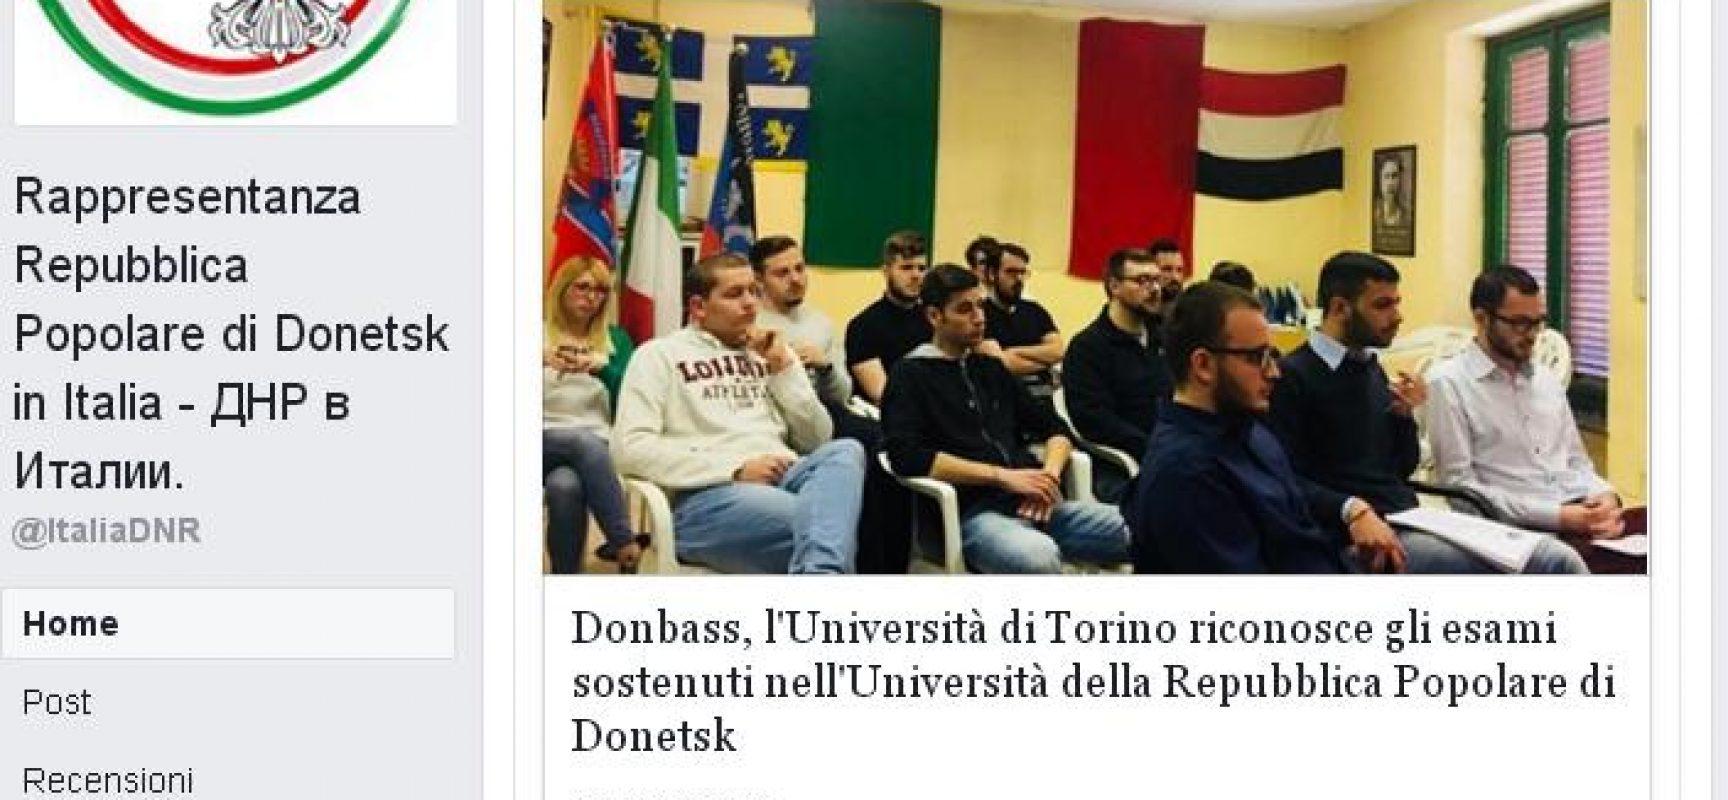 Fake : L'Università di Torino riconosce i diplomi della DNR